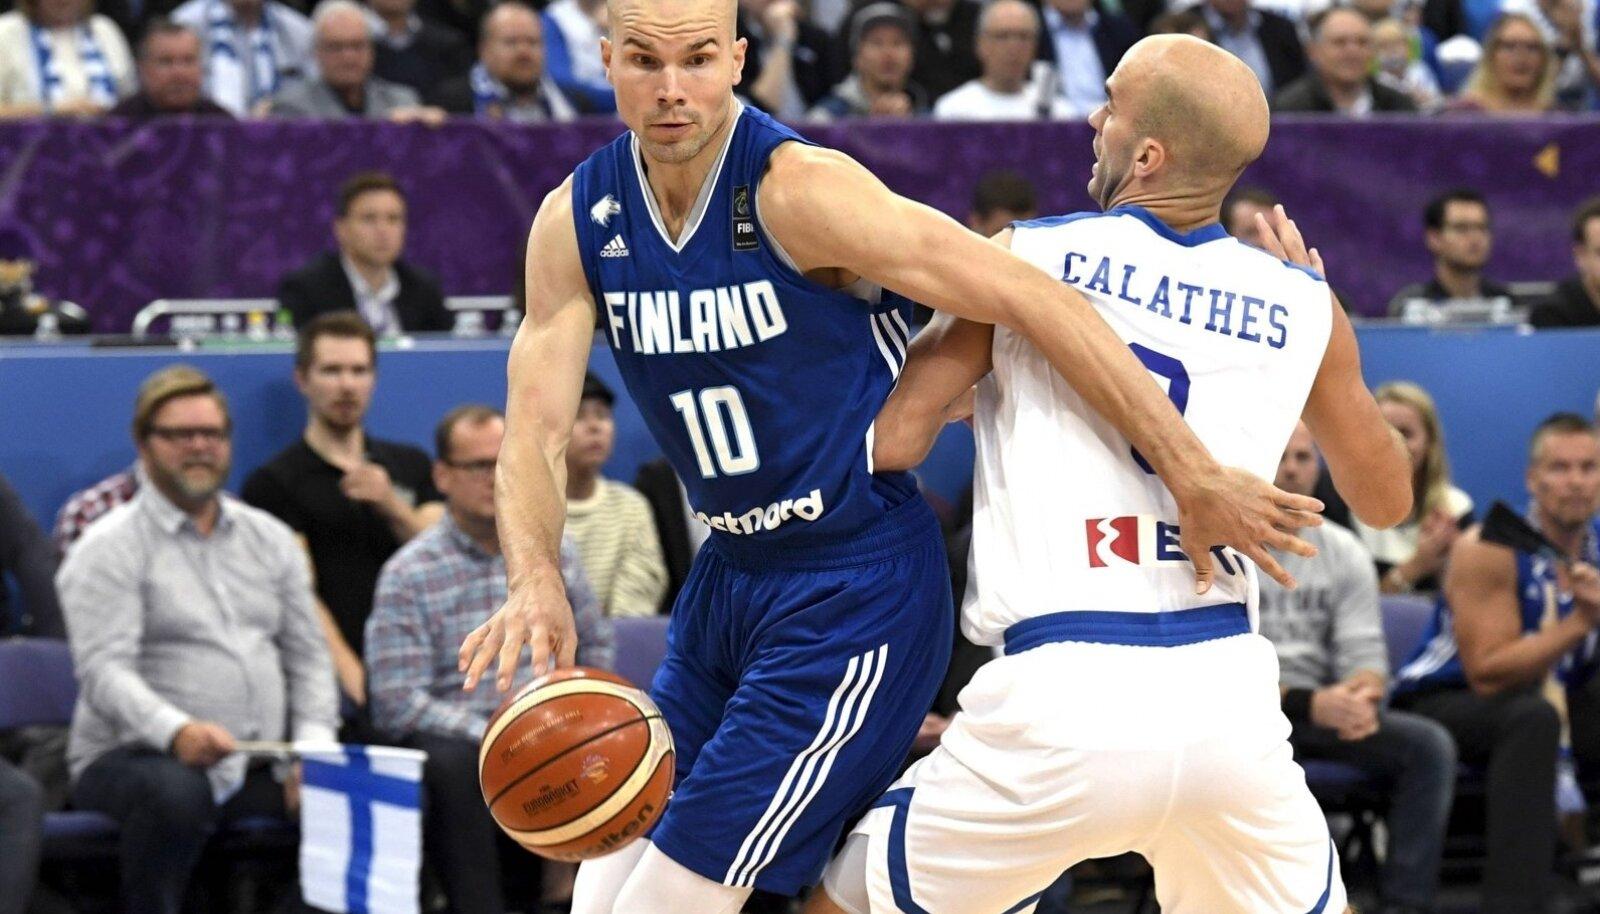 Korvpalli EM-i kohtumine Soome - Kreeka